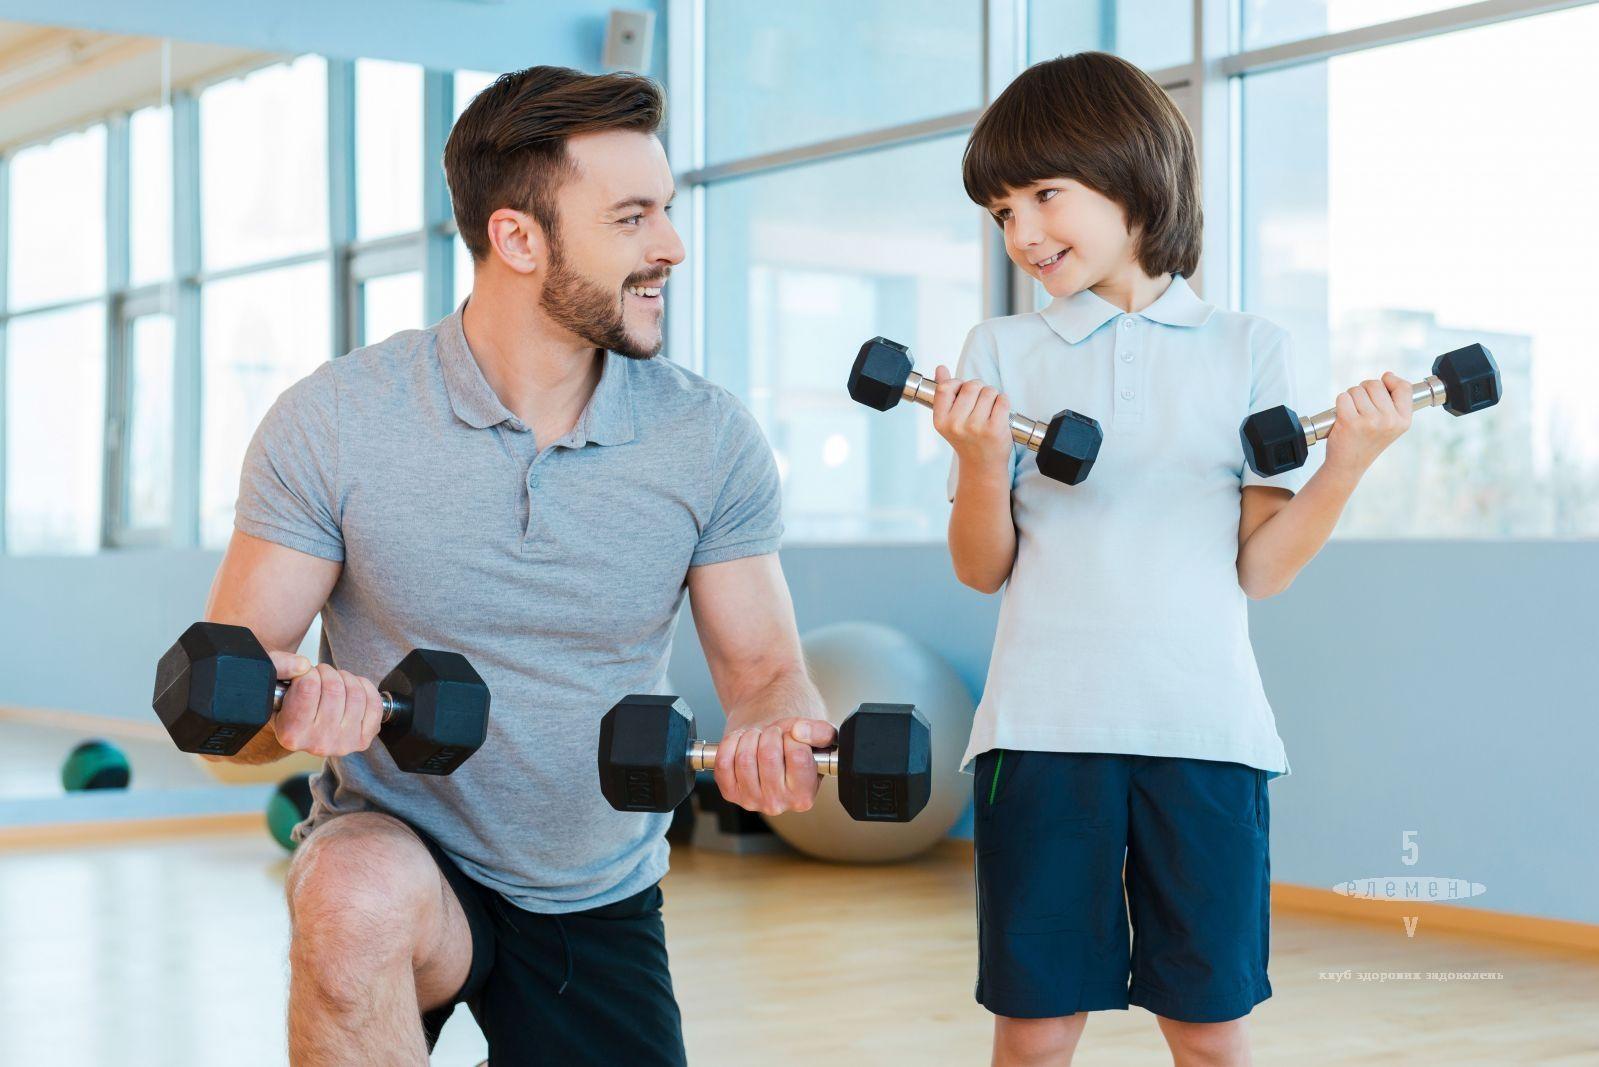 Здоровий спосіб життя успішної людини в сучасному світі— фітнес-клуб 5 елемент